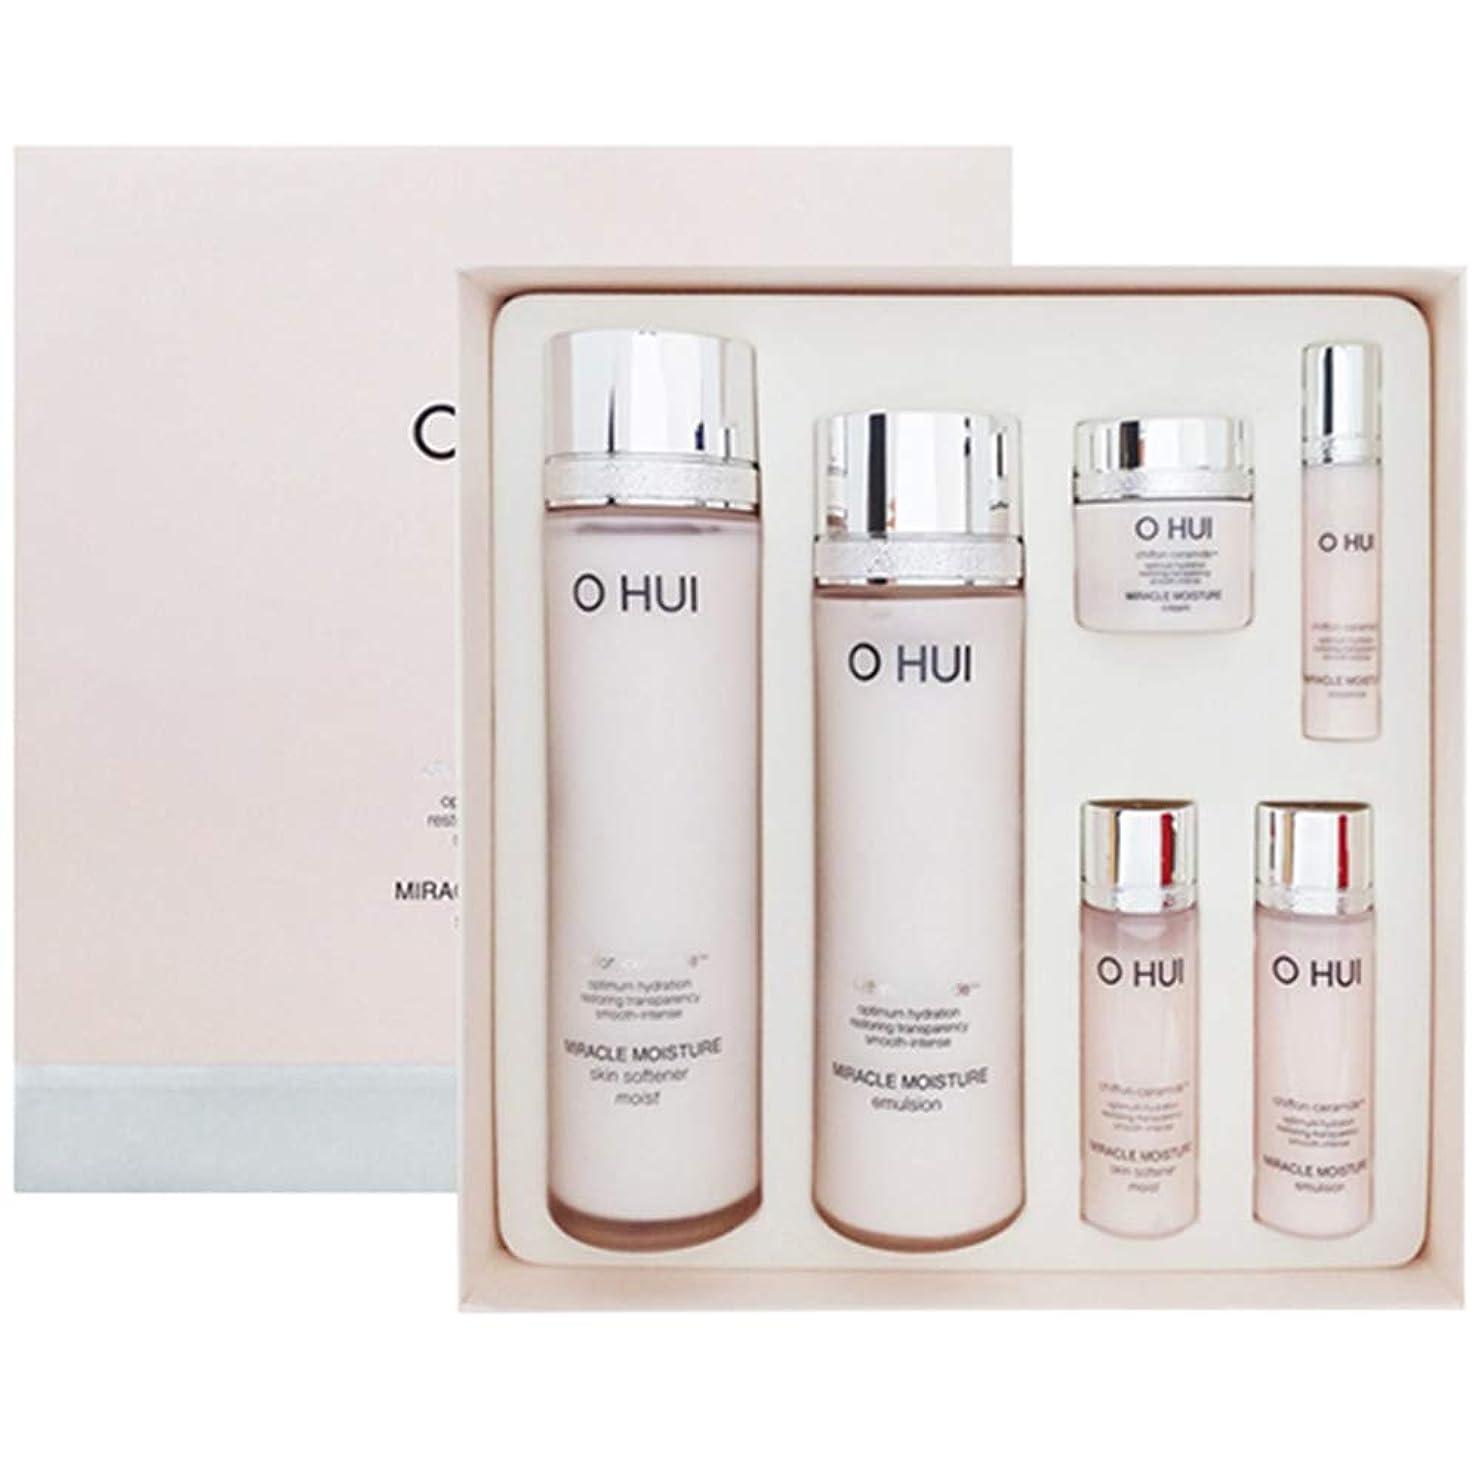 番目シェーバー内部(オフィ) O Hui Miracle Moisture 2 Type Set ミラクルモイスチャー2タイプセット Skin Softener 150ml+Emulsion 130ml + Gift [並行輸入品]